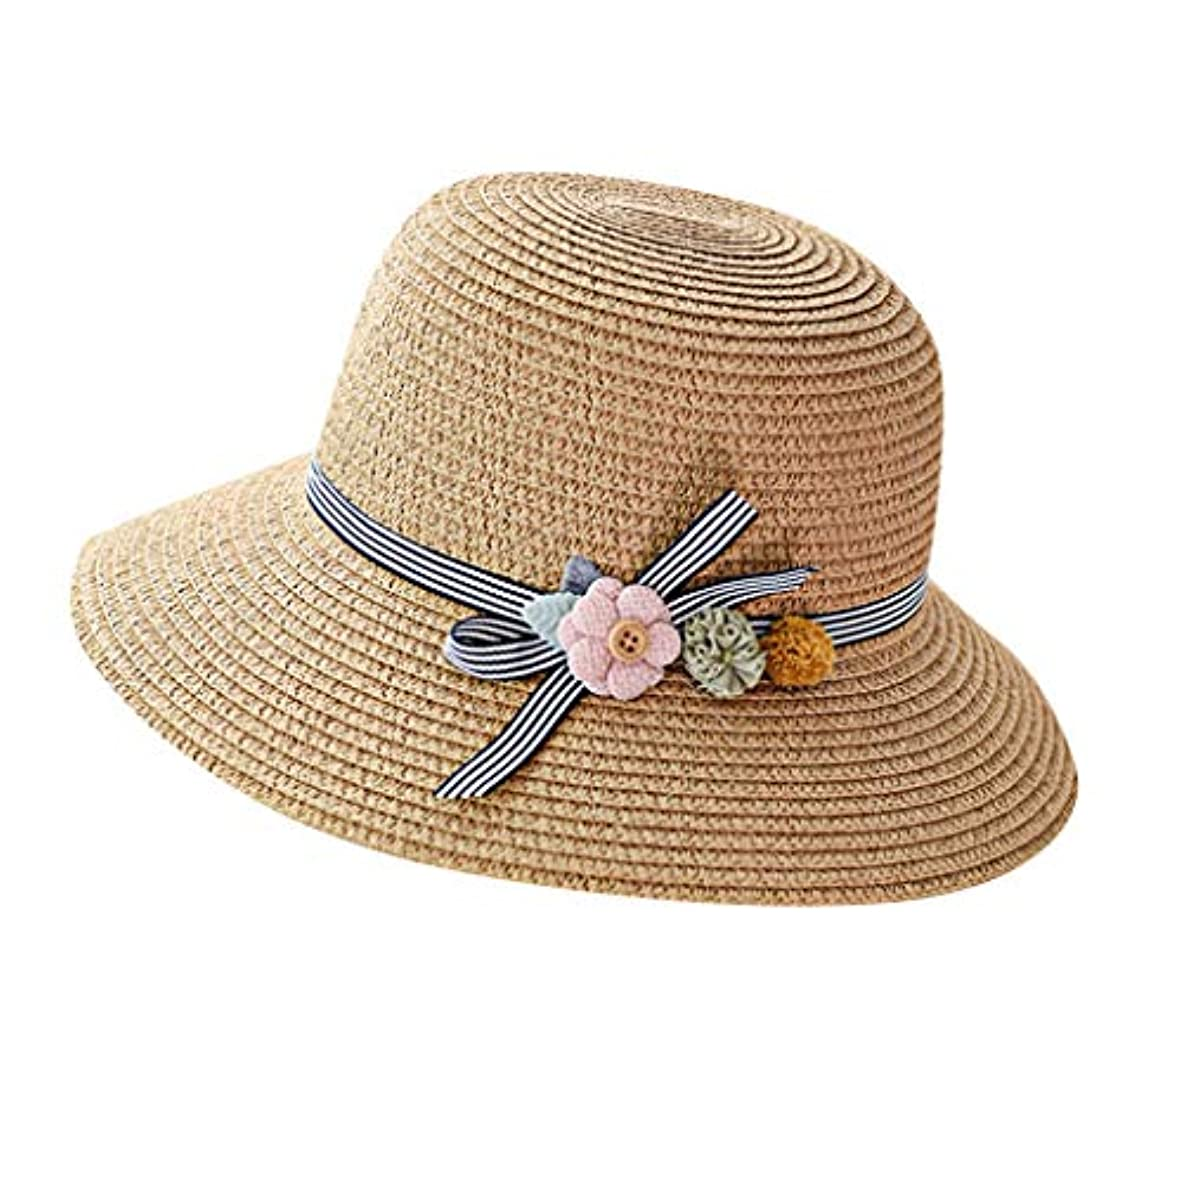 出身地禁じるやりすぎ漁師帽 夏 帽子 レディース UVカット 帽子 ハット レディース 紫外線対策 日焼け防止 つば広 日焼け 旅行用 日よけ 夏季 折りたたみ 森ガール ビーチ 海辺 帽子 ハット レディース 花 ROSE ROMAN